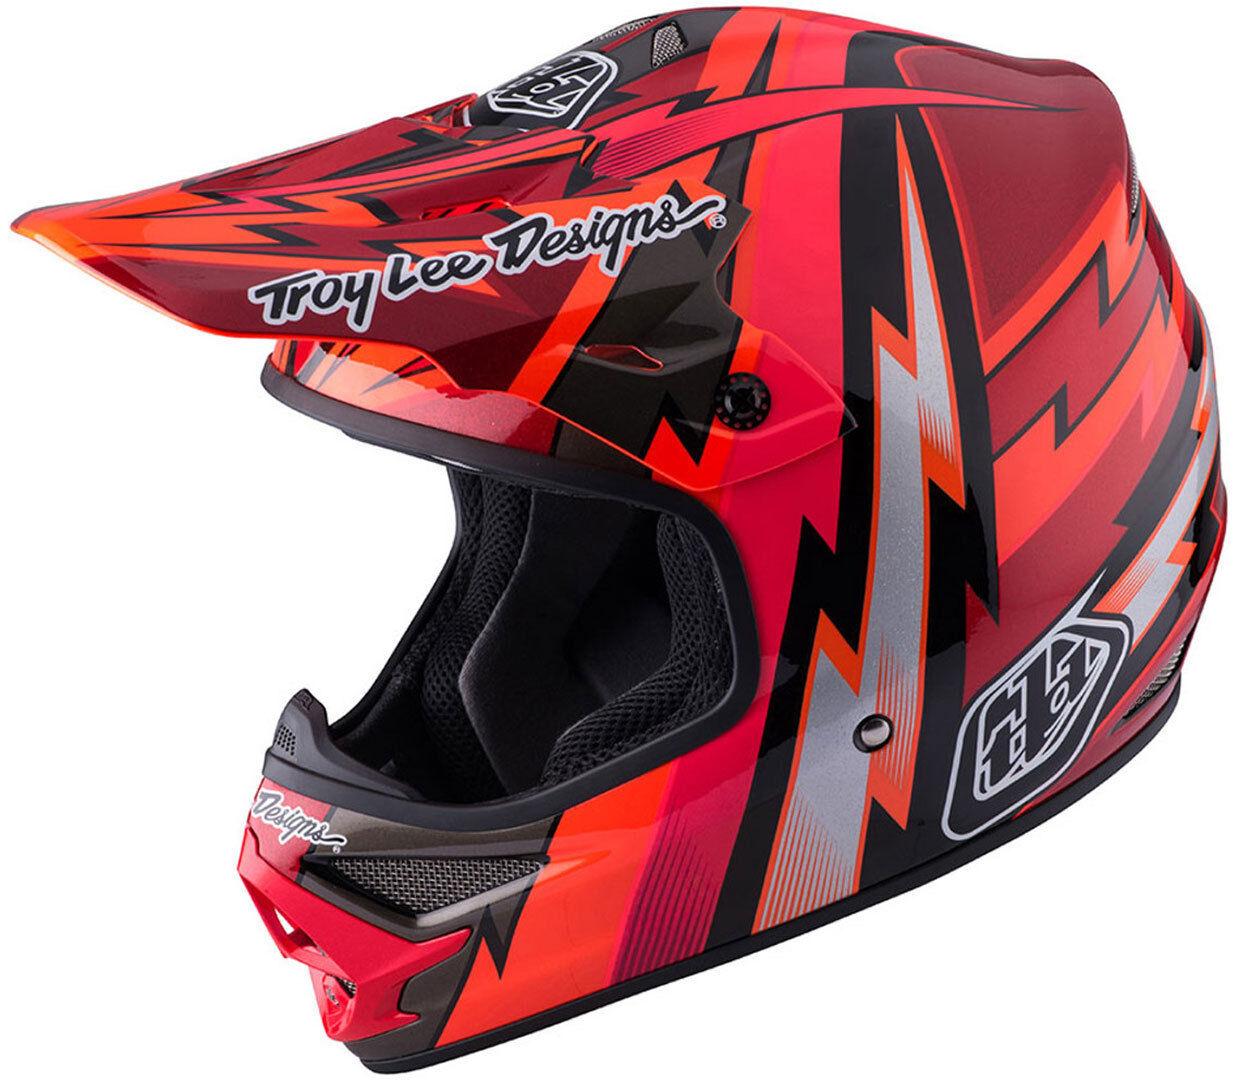 Troy Lee Designs Air Beams Motorcycle Cross Helmet Casque de croix de moto Rouge taille : L